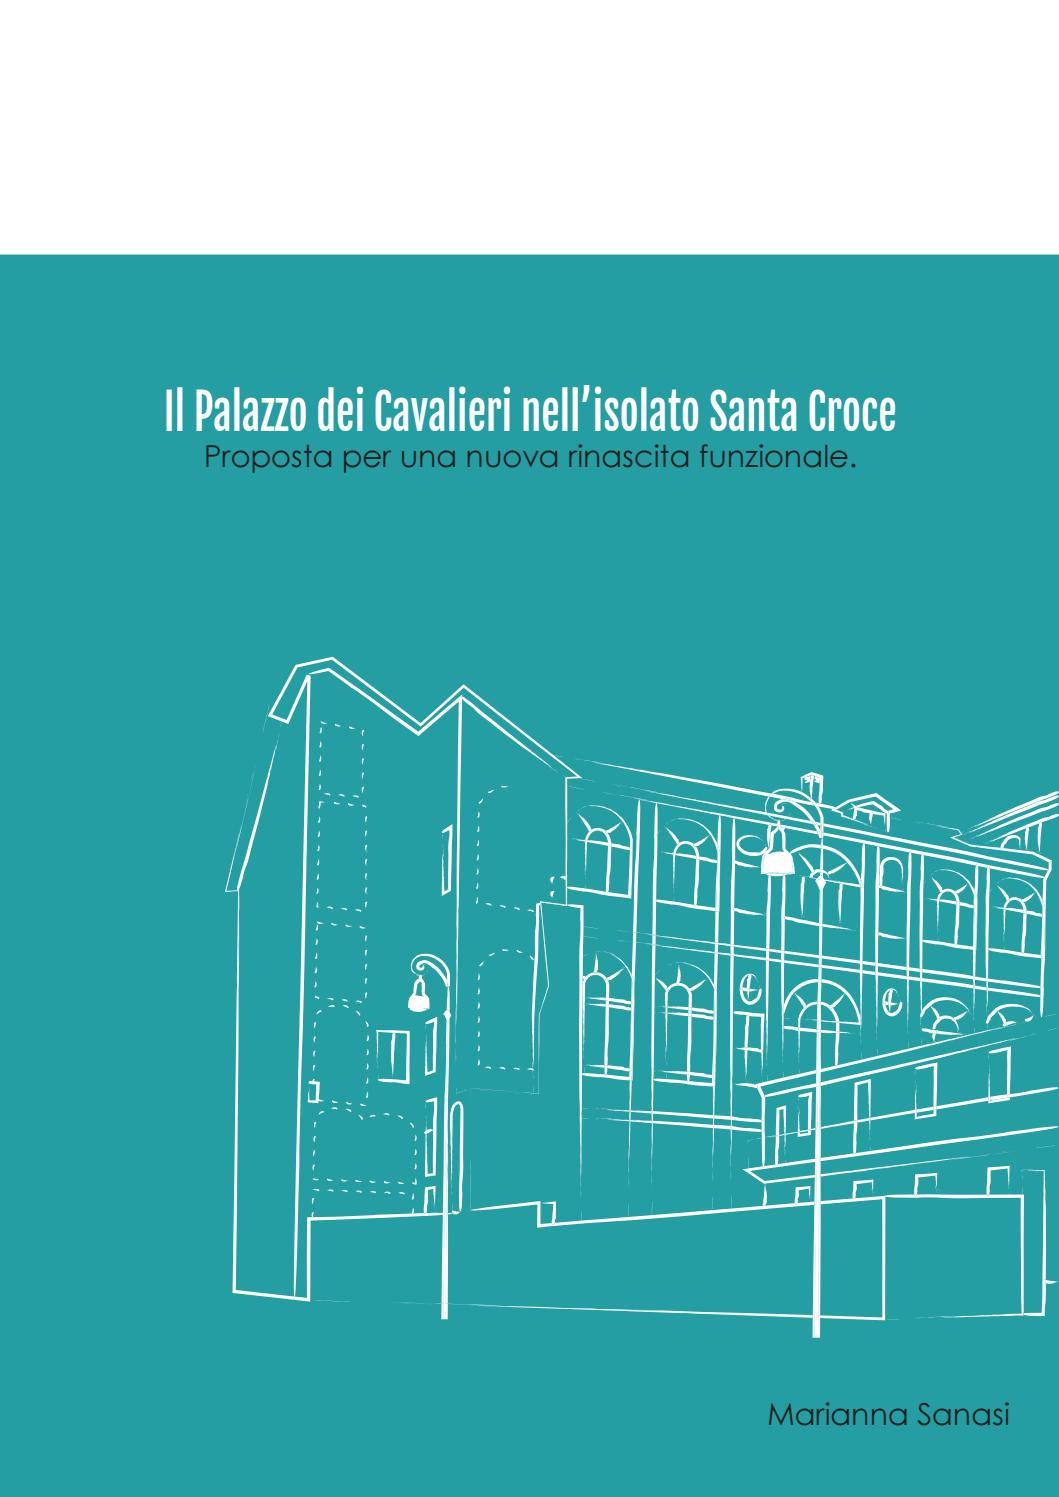 Polito Calendario Cronologico 2020.Il Palazzo Dei Cavalieri Nell Isolato Santa Croce Proposta